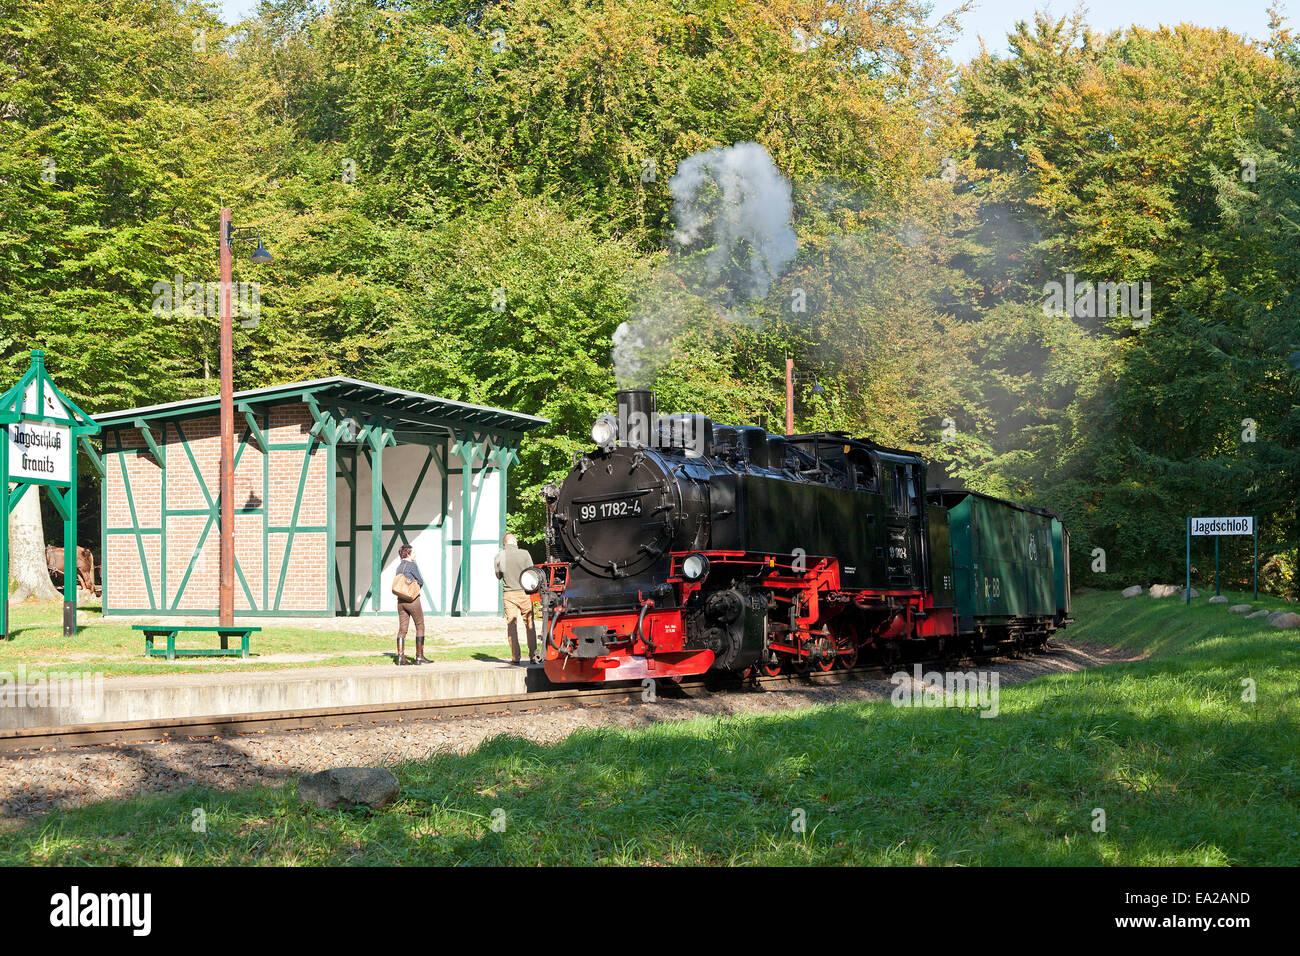 """Dampfzug """"Rasender Roland"""" am Bahnhof von Jagdschloss Granitz, Insel Rügen, Mecklenburg-West Pomerania, Deutschland Stockfoto"""